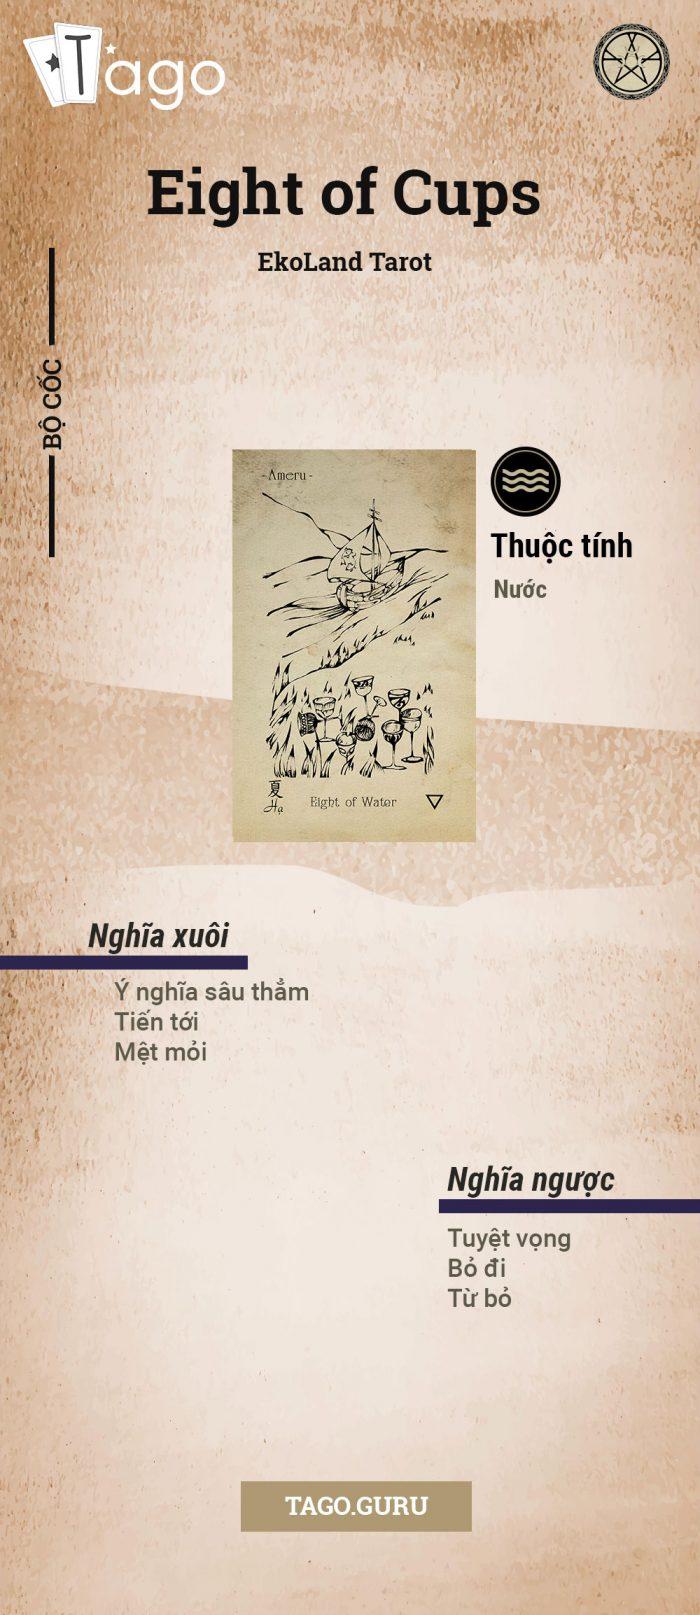 TAGO-Info-Bai-Tarot-Eight-of-cups